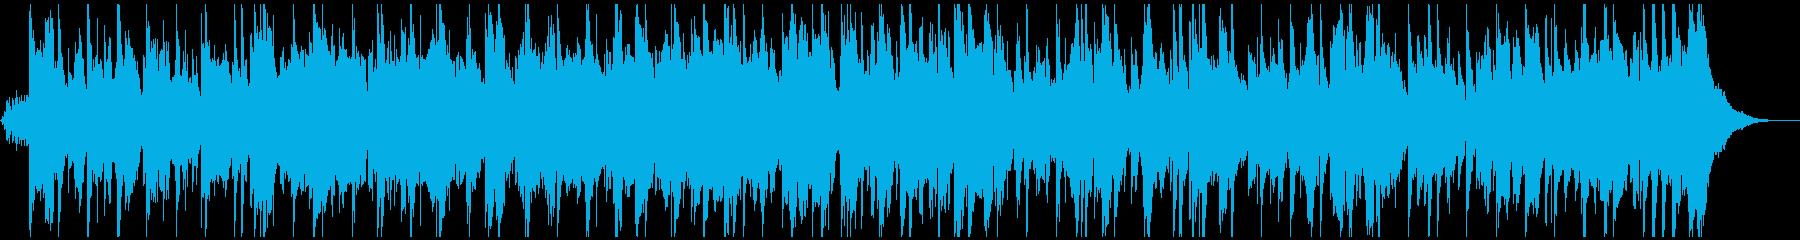 生演奏・ハーモニカとバイオリンのバラードの再生済みの波形